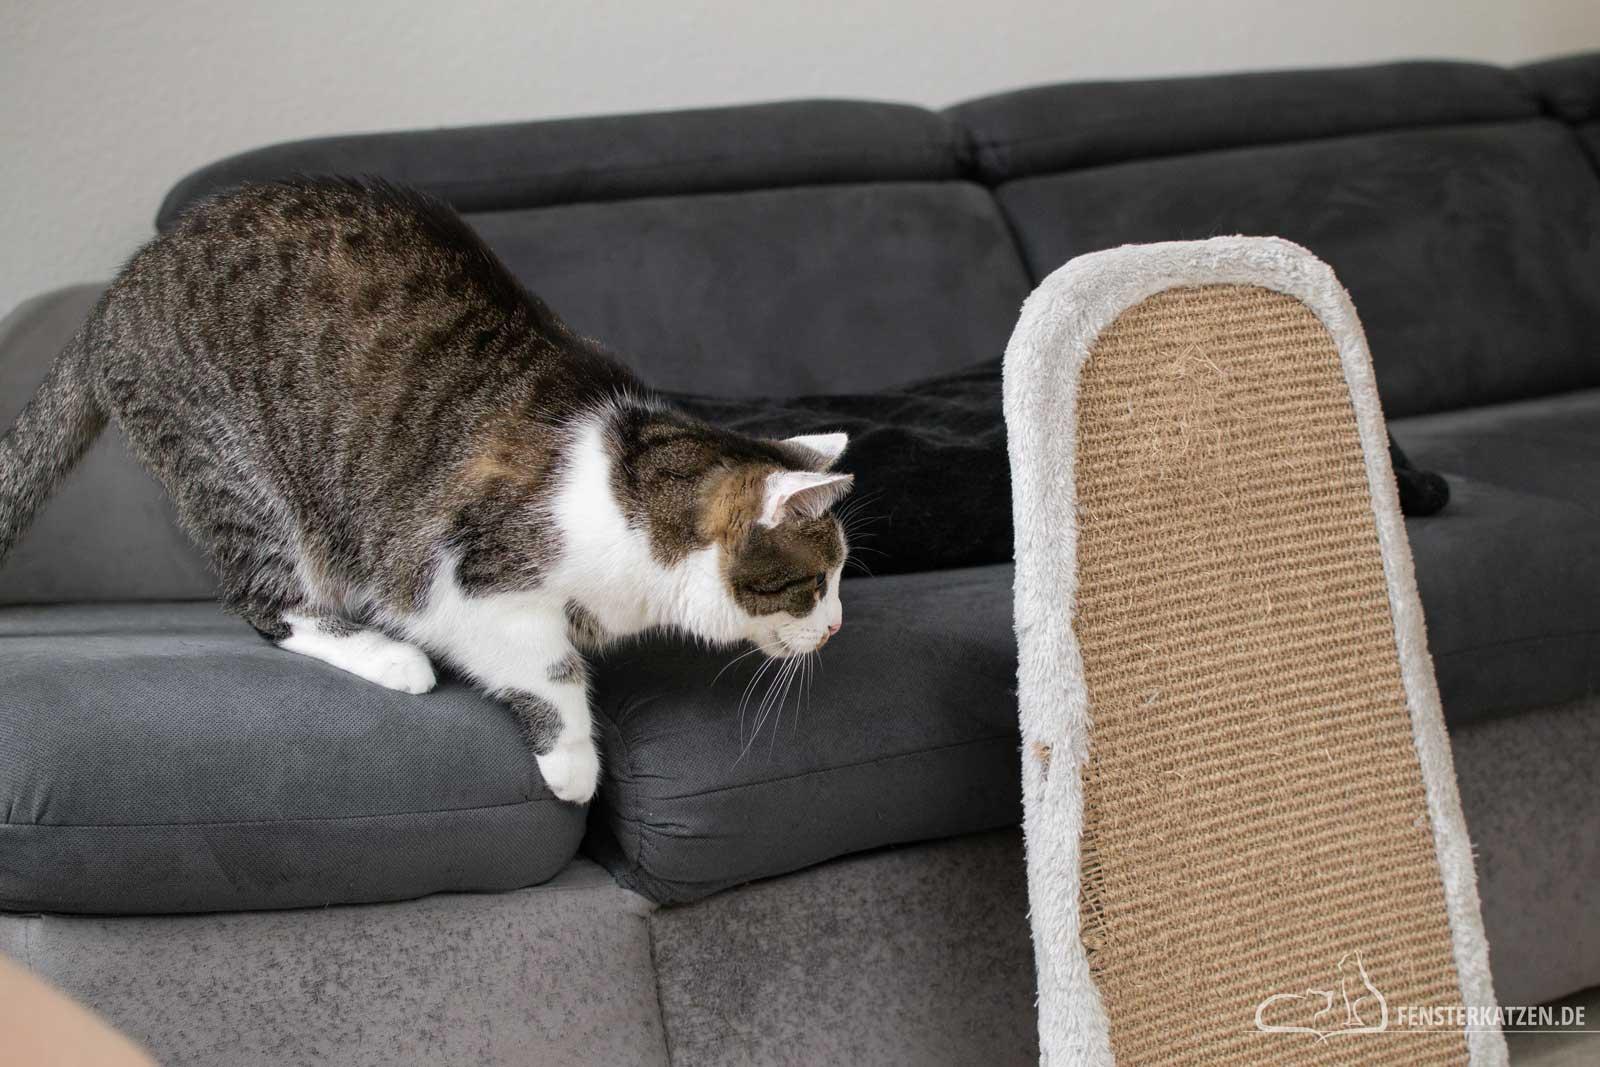 Fensterkatzen-Ratgeber-Wie-spielt-man-richtig-mit-Katzen-Katze-lauert-2